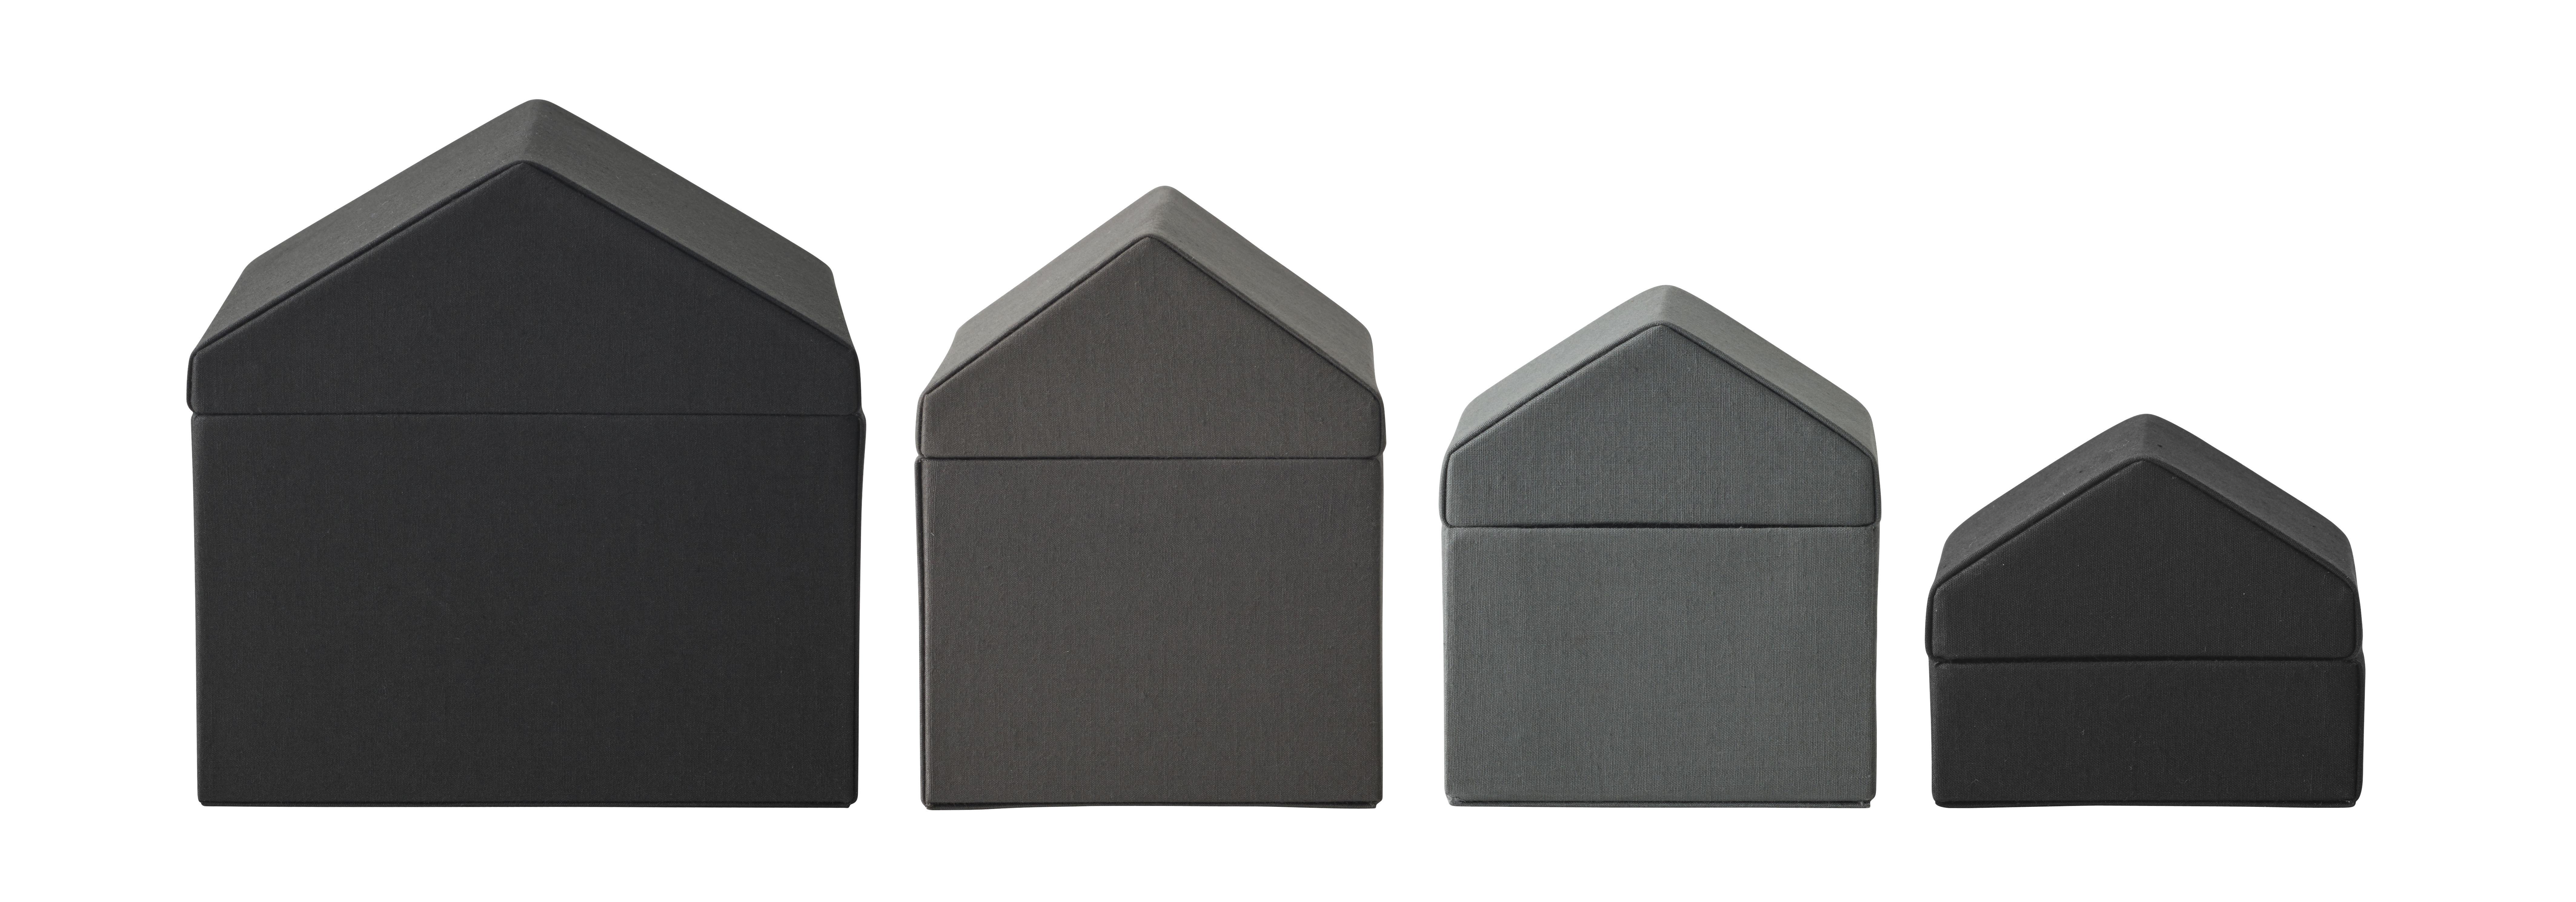 Déco - Boîtes déco - Boîte Traditional Houses / Set de 4 - Tissu - Fait main au Népal - Menu - Gris - Carton, Coton